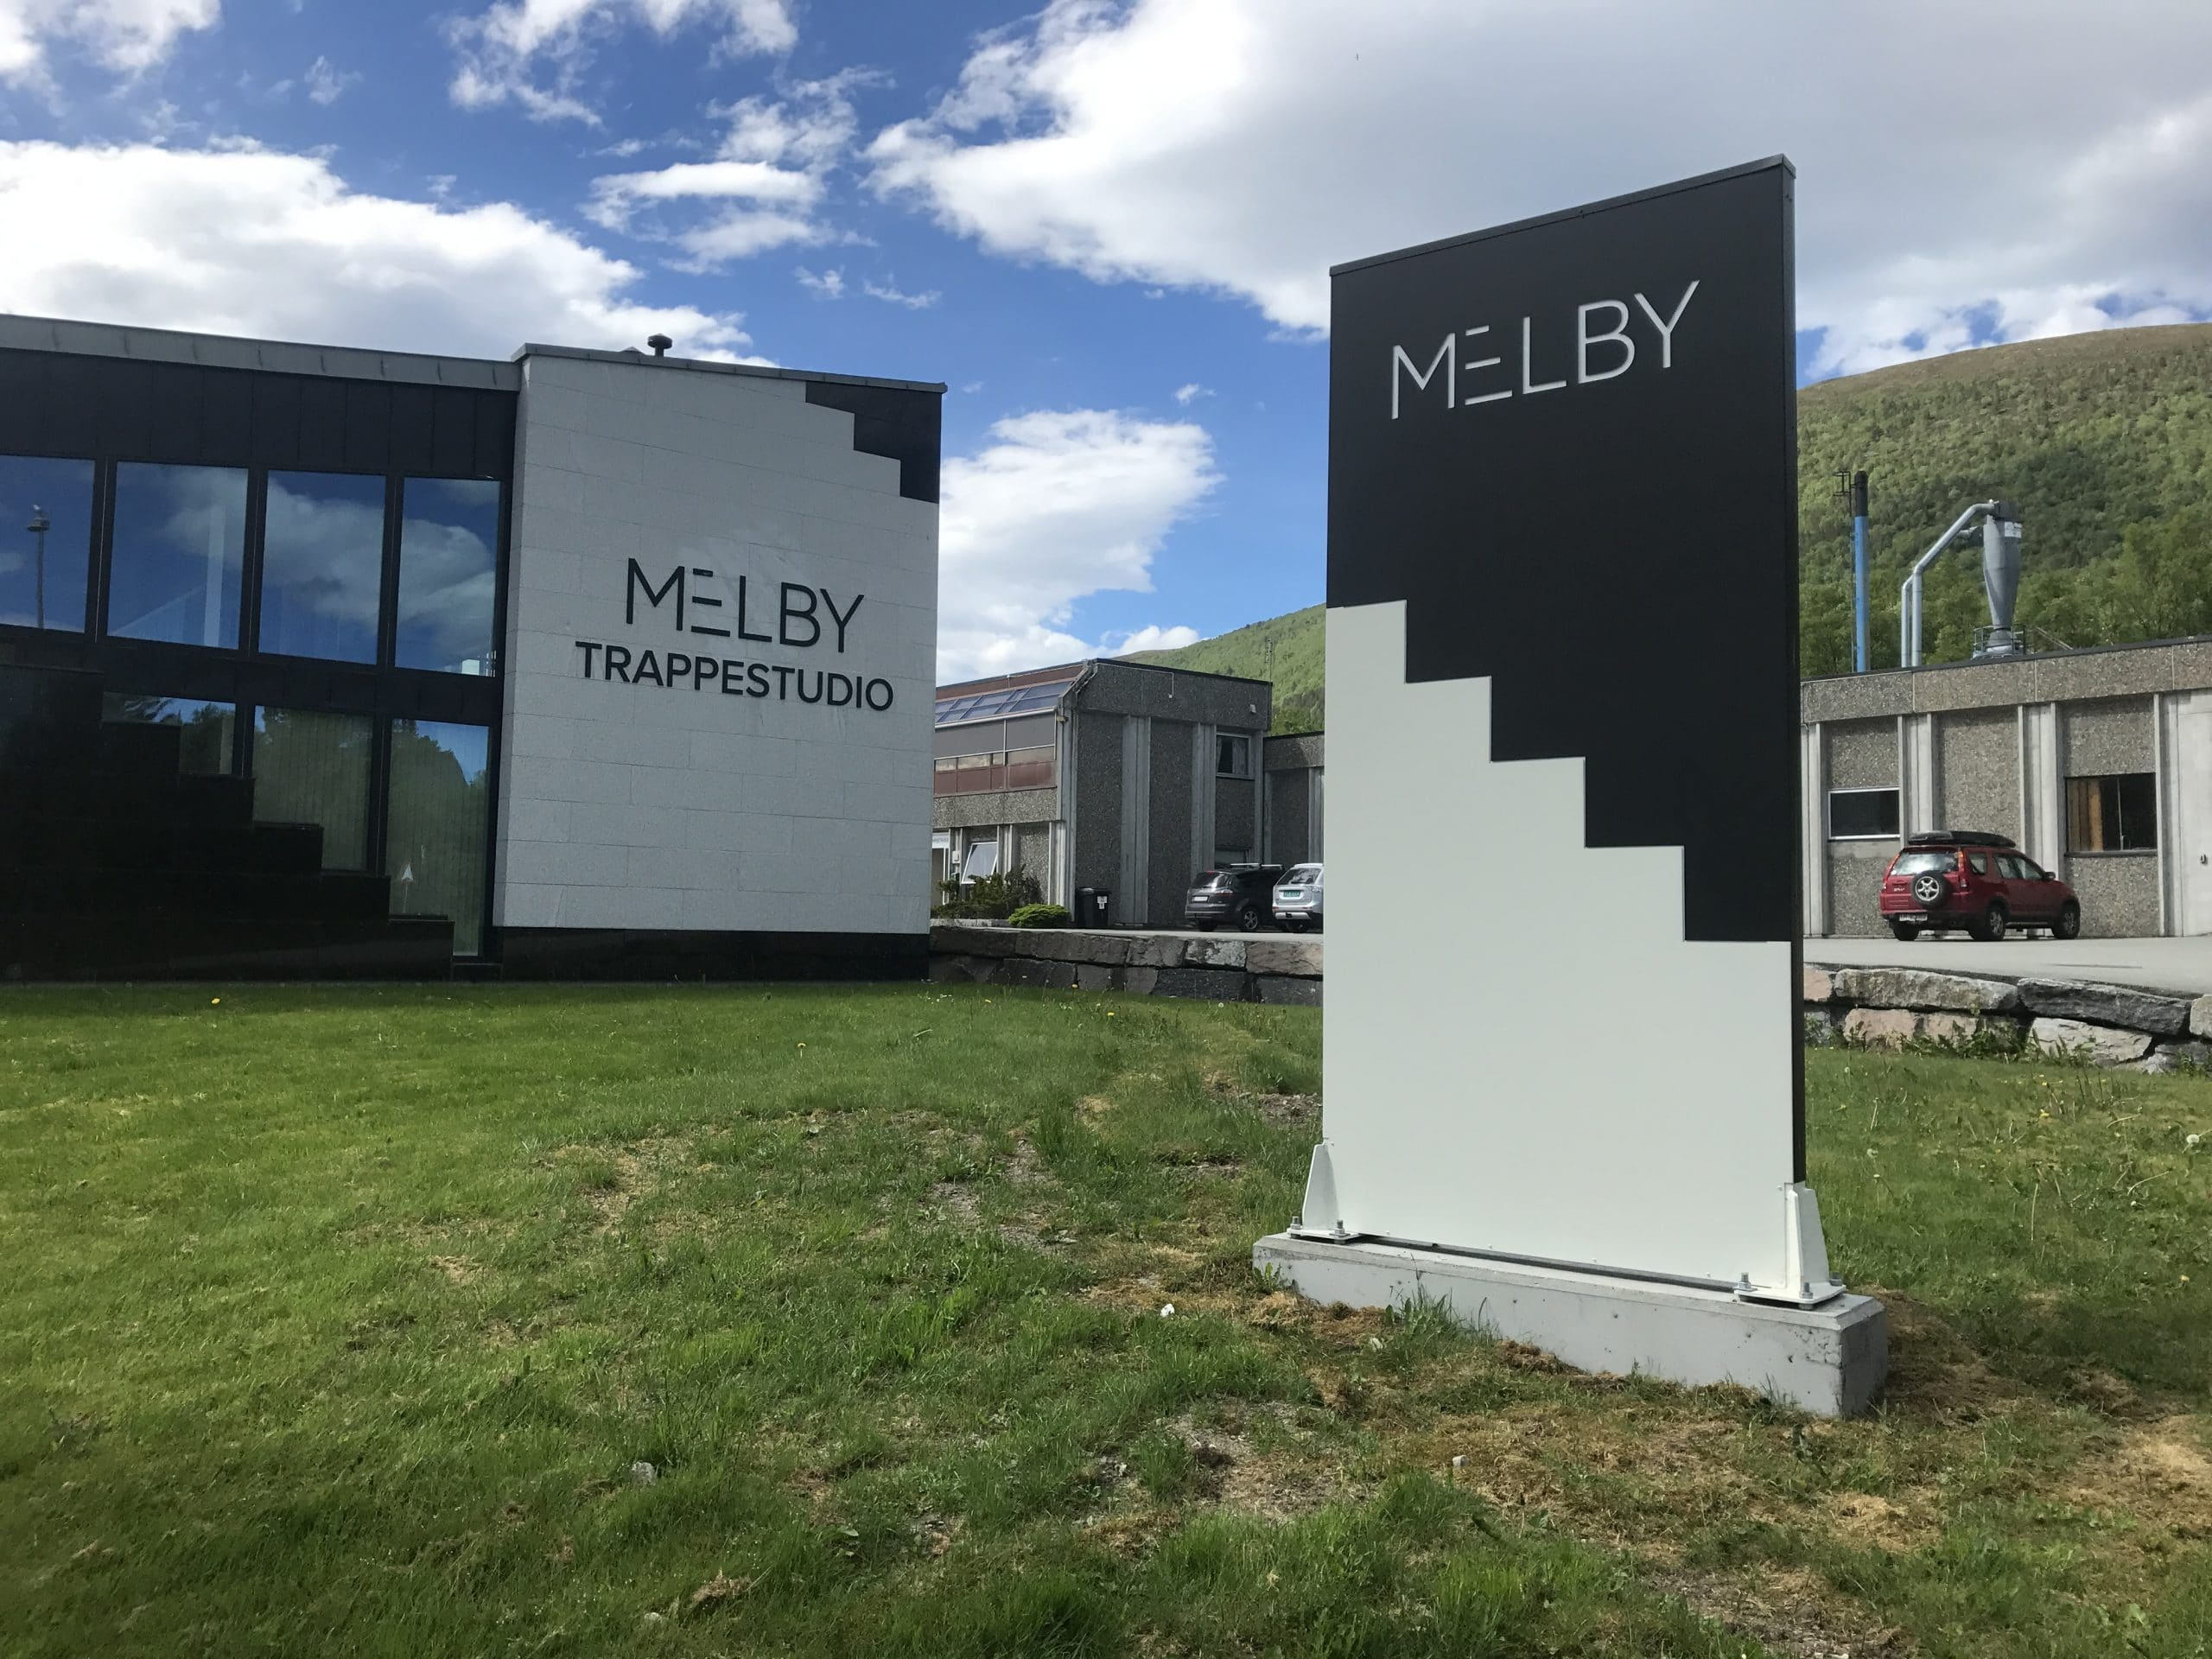 Melby_pylon